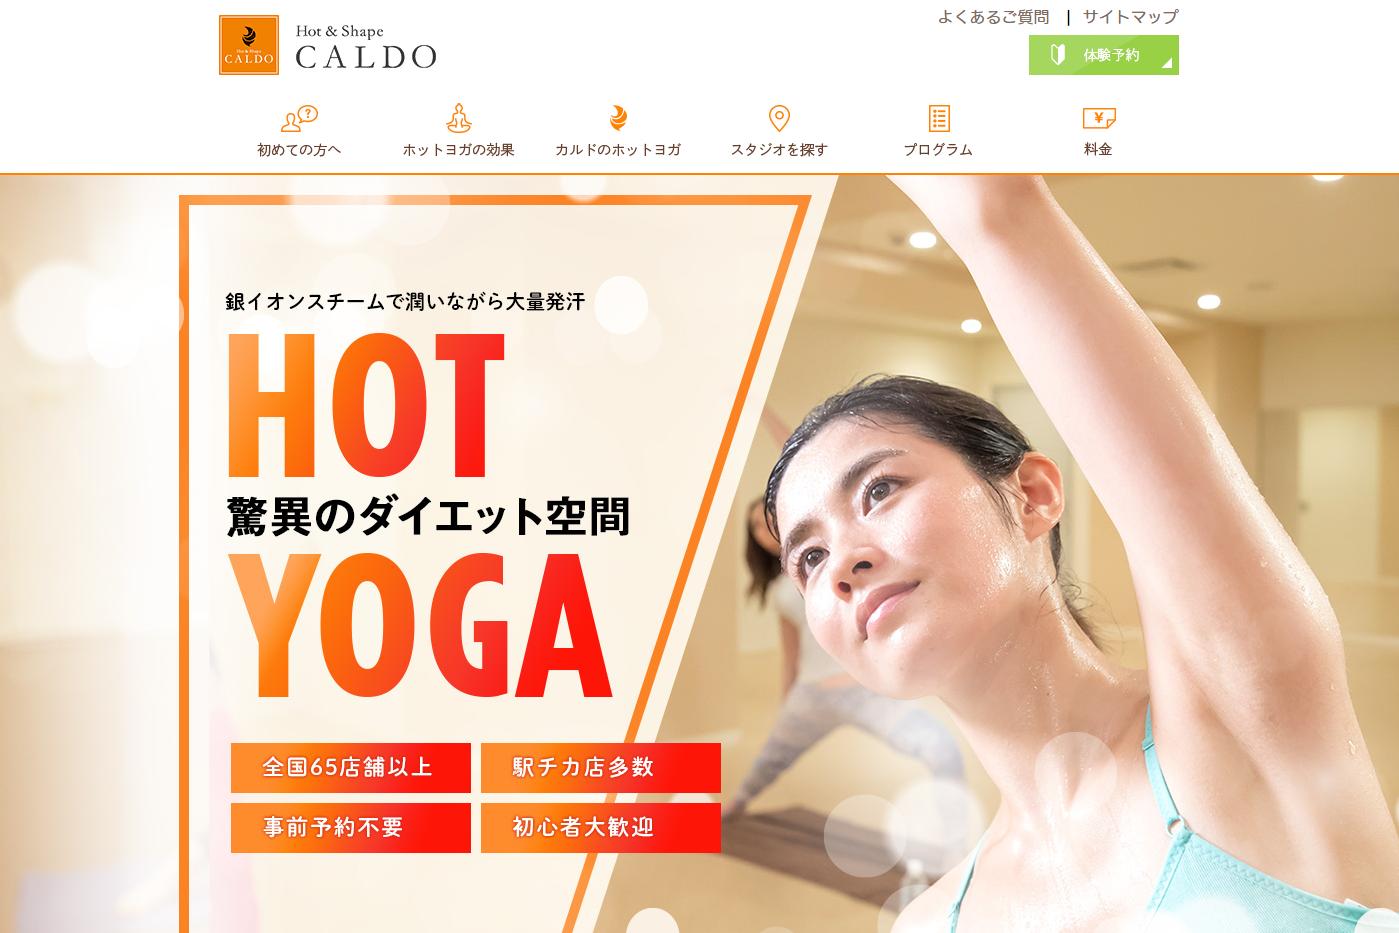 ホットヨガカルド 公式ホームページ